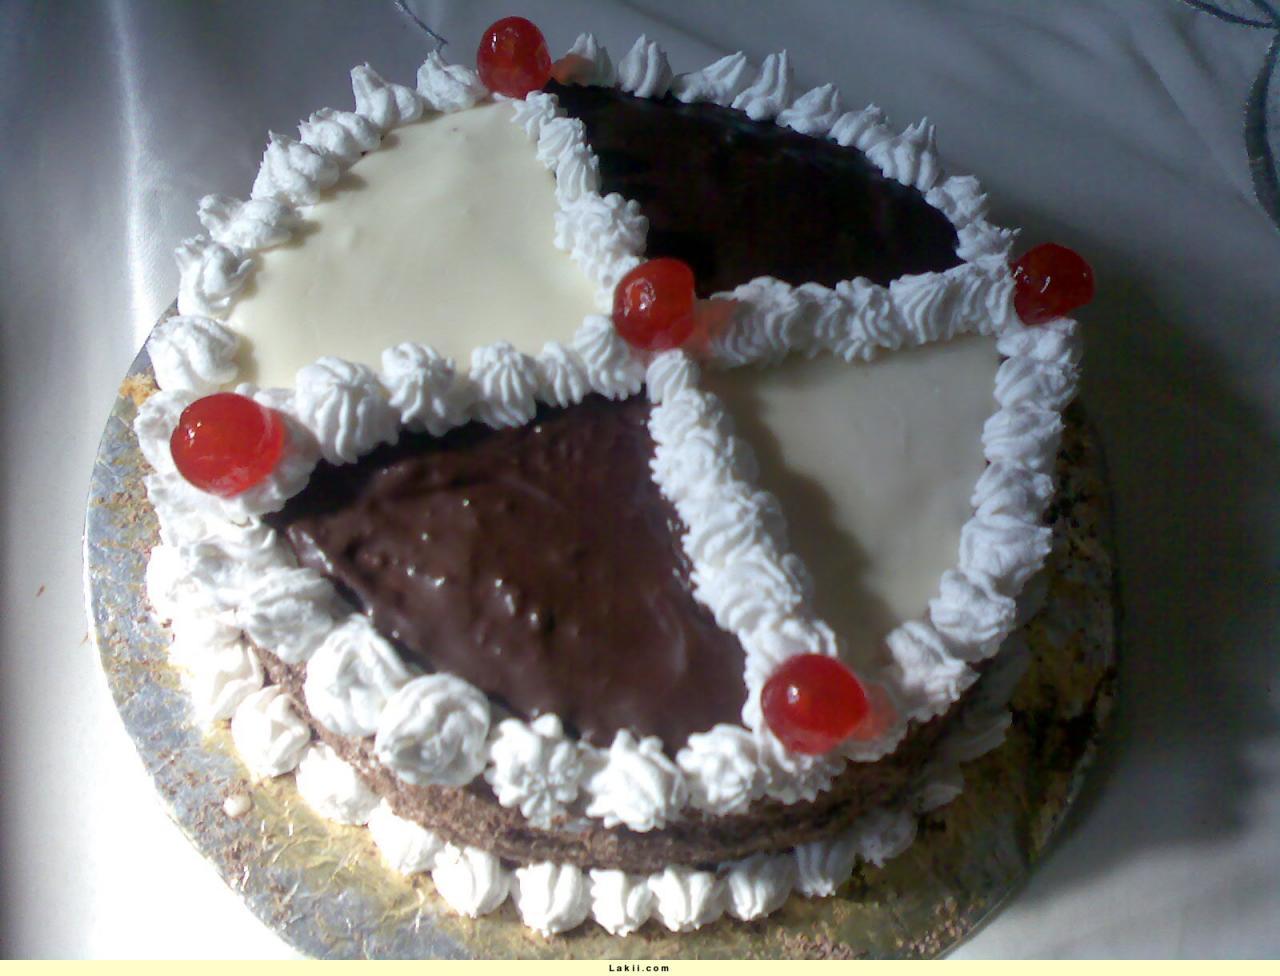 صورة طرق تزيين الكيك بسيطة , تزيين الكعك بصوص الشوكولاة والفواكه 11830 4